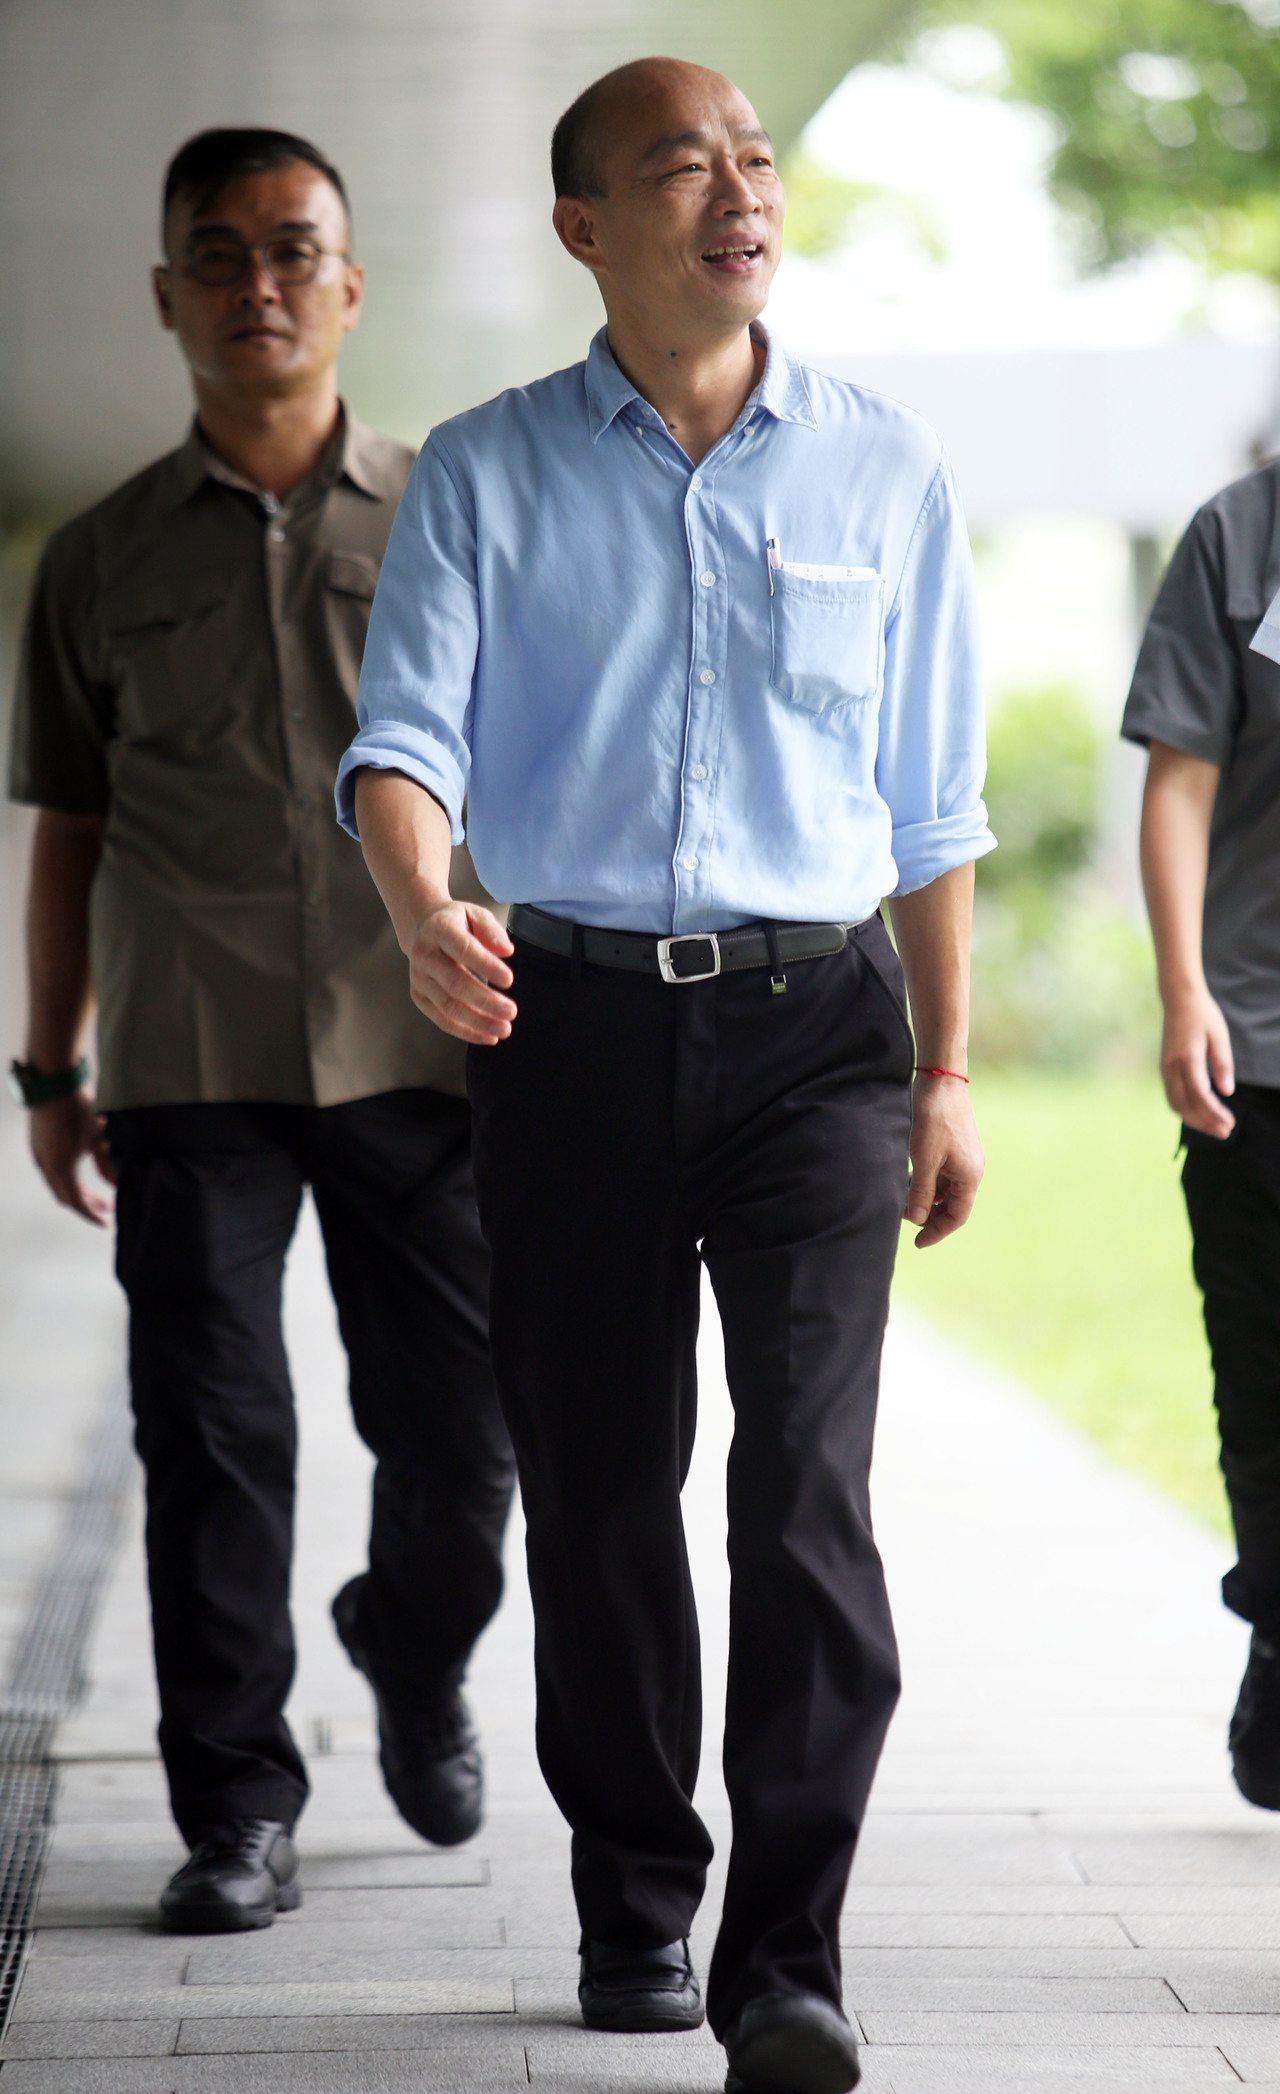 高雄市長韓國瑜今在市政會議後受訪驚爆他的車子被裝追蹤器,感嘆國家機器動得太厲害。...